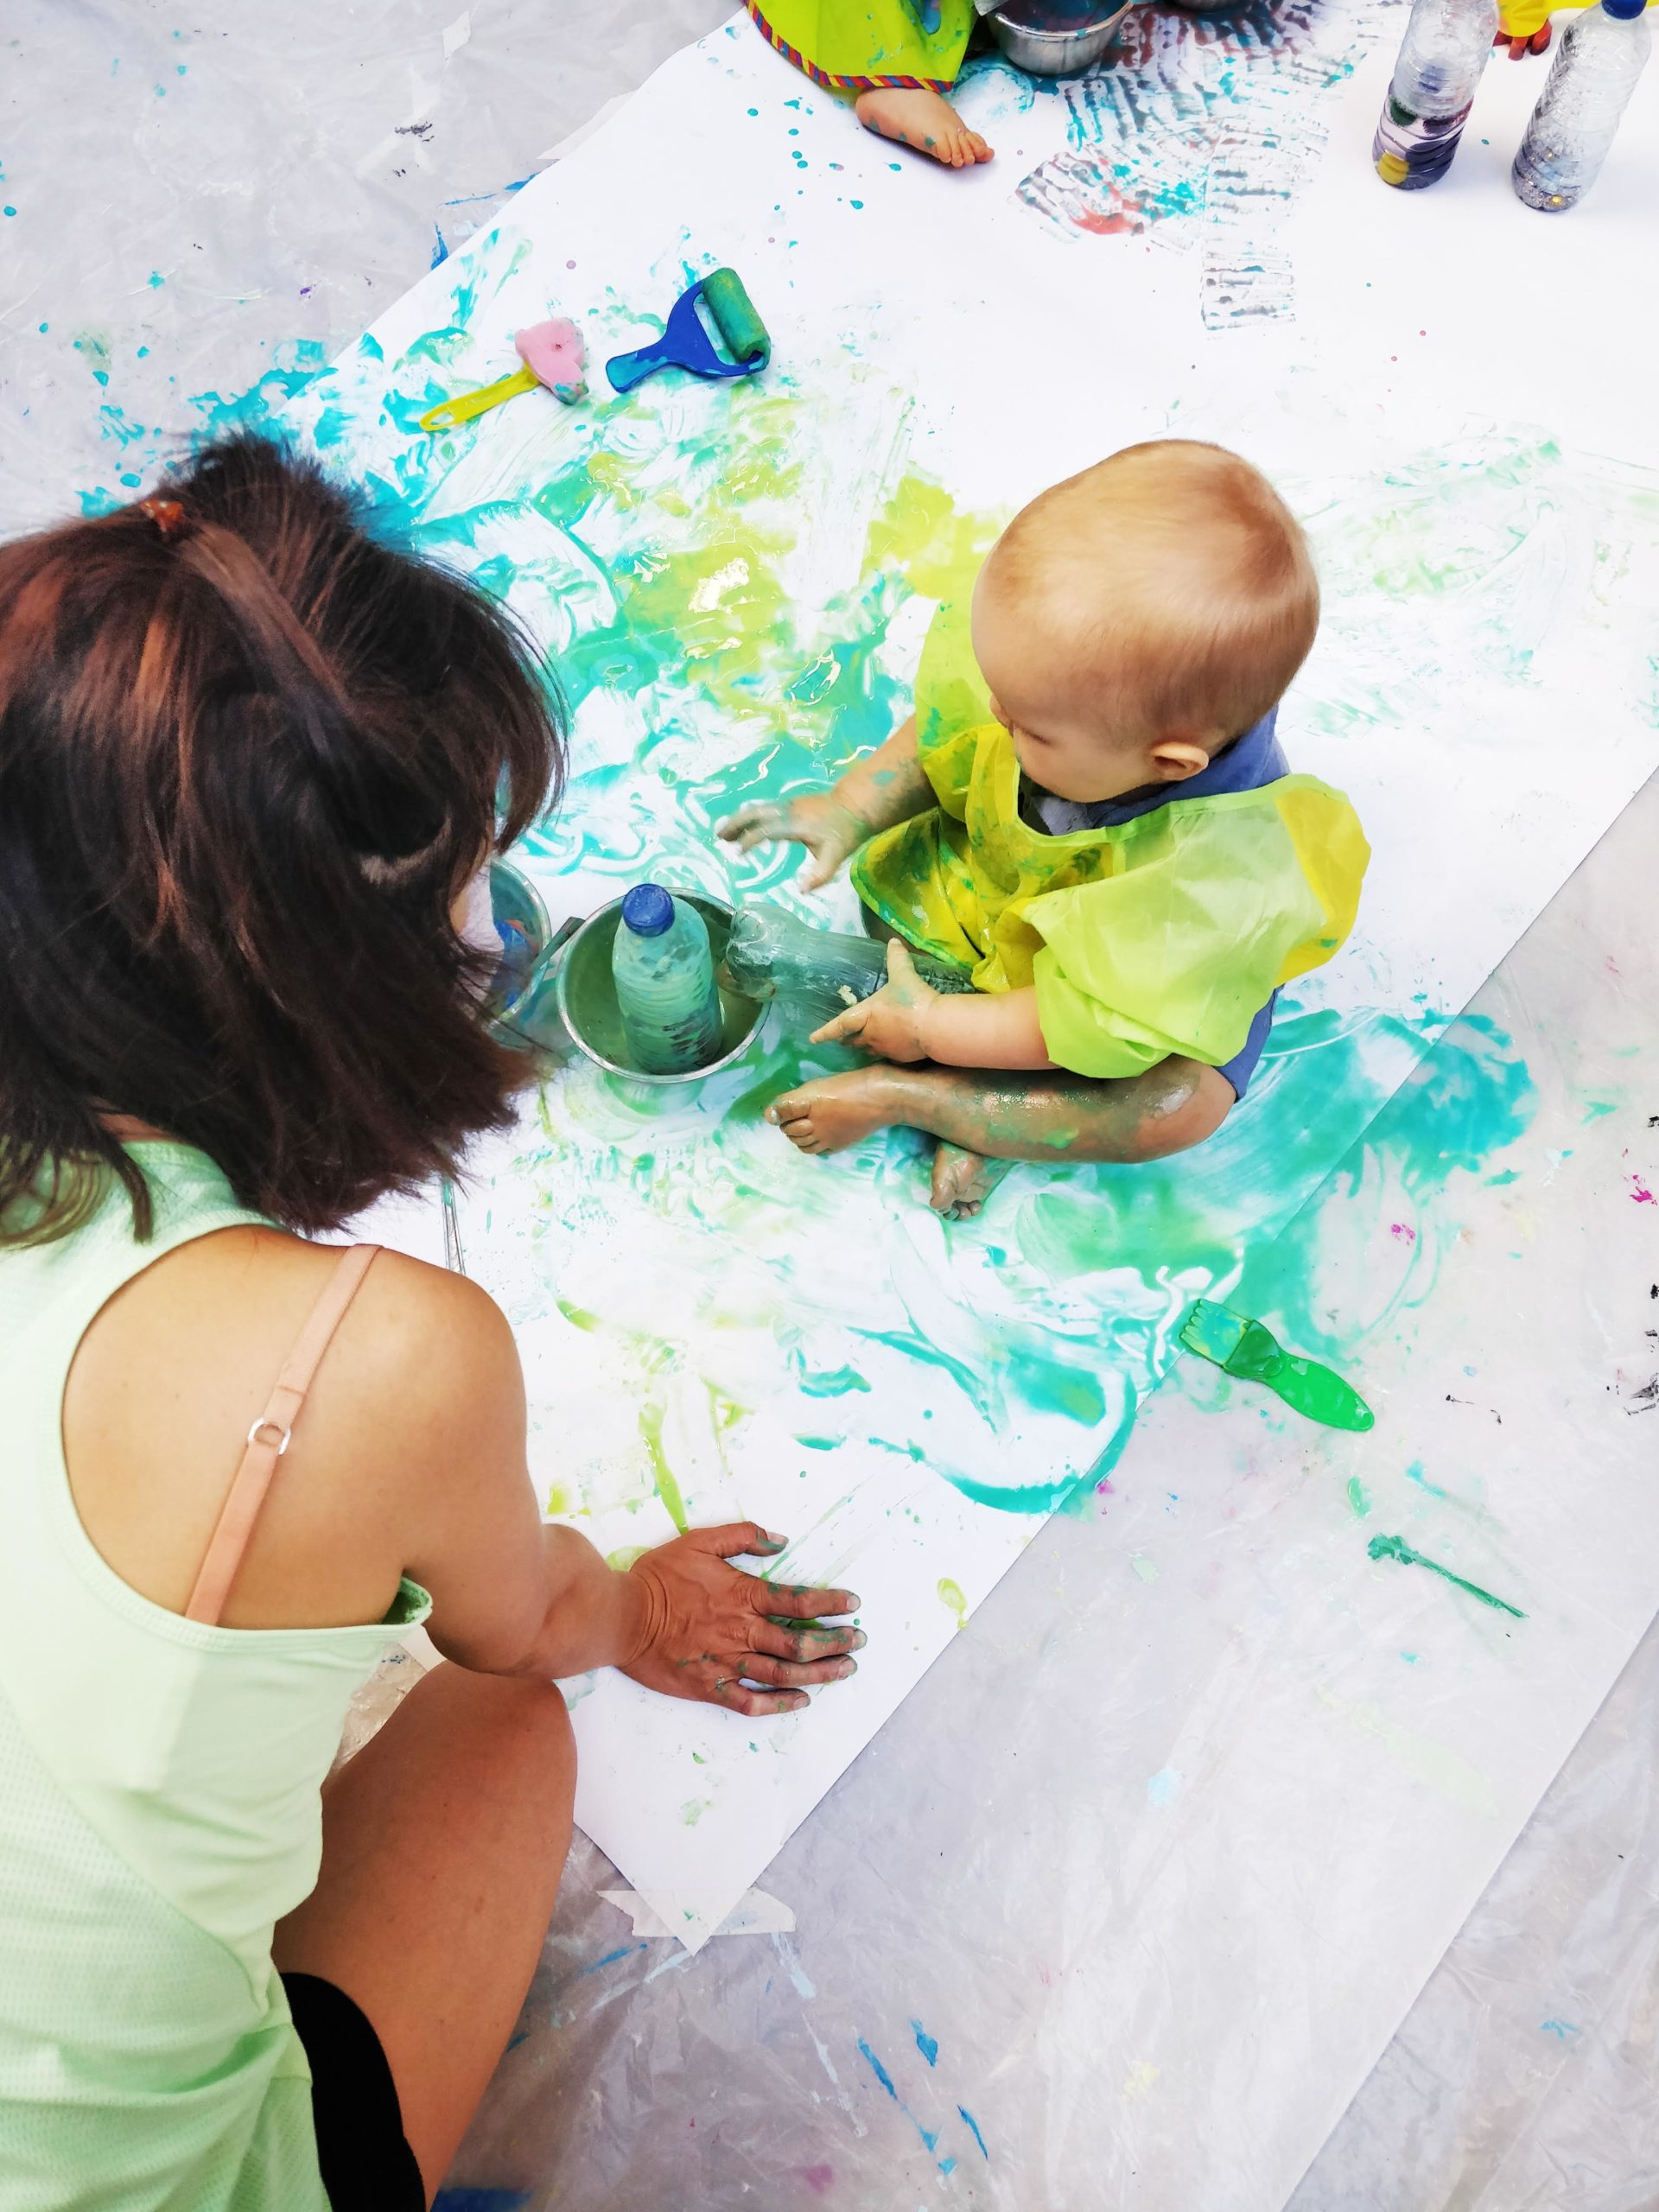 Le 06/11, atelier de peinture bébé chez A LITTLE FAMILY, 13007 – 10H